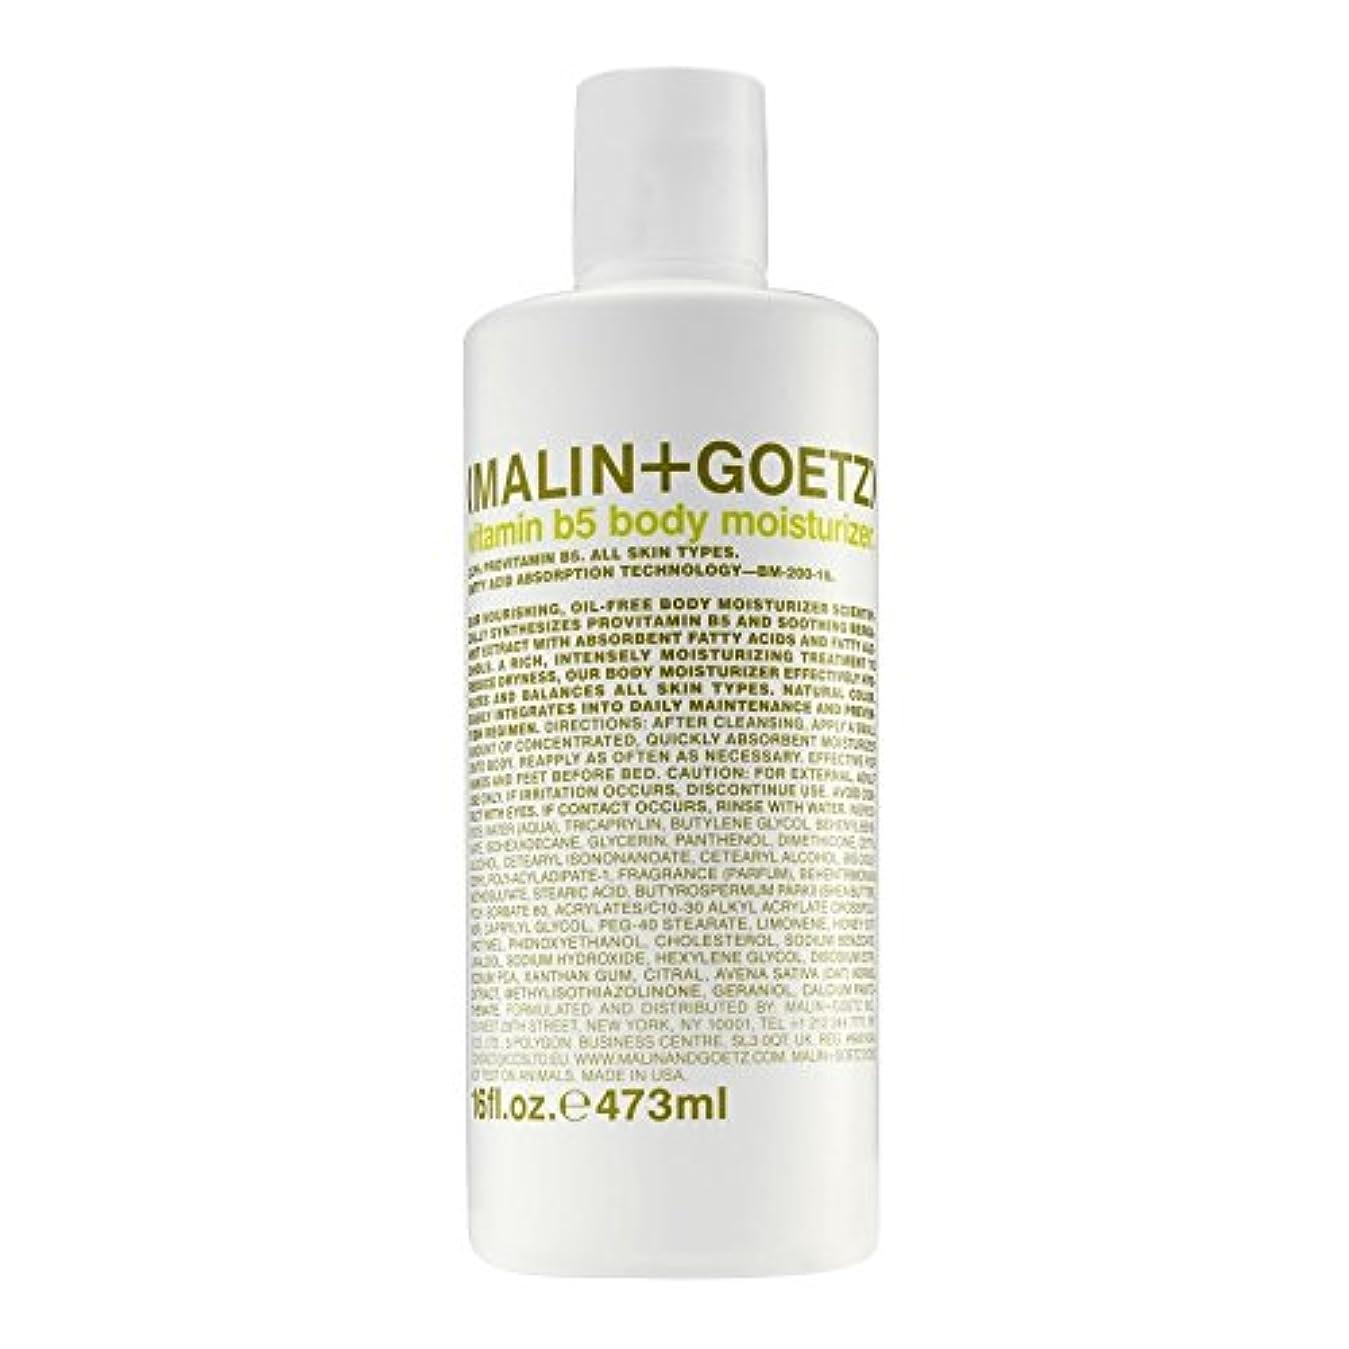 ロデオスプリットクレデンシャルMALIN+GOETZ Vitamin B5 Body Moisturiser 473ml - マリン+ゲッツビタミン5ボディモイスチャライザーの473ミリリットル [並行輸入品]